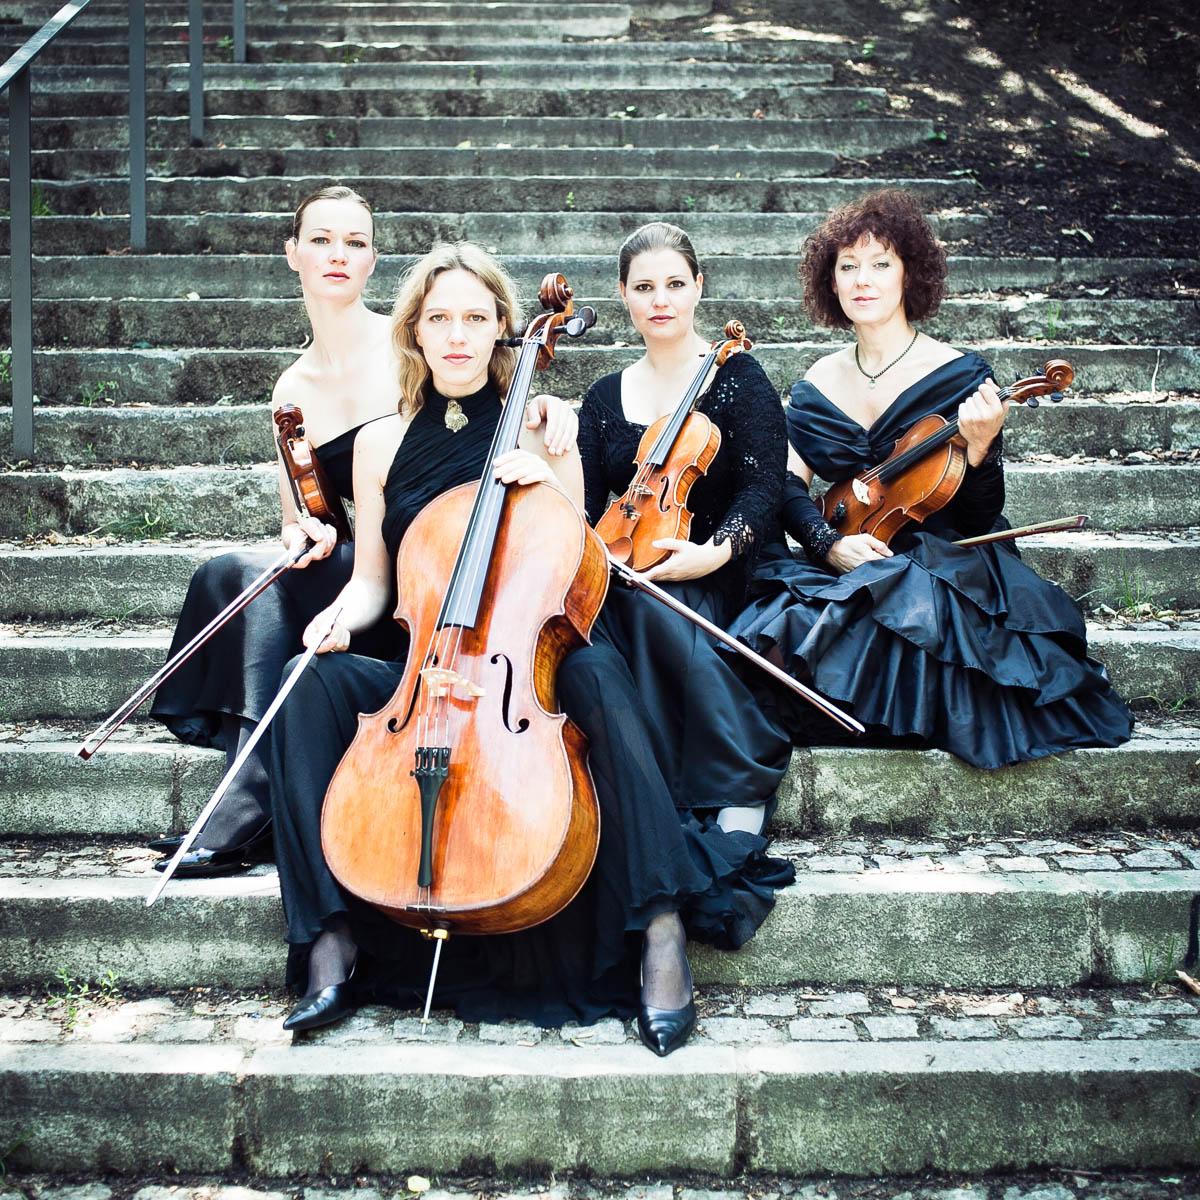 20110619132142-'psmusiker'-5165-www.glamoureffekt.de.jpg